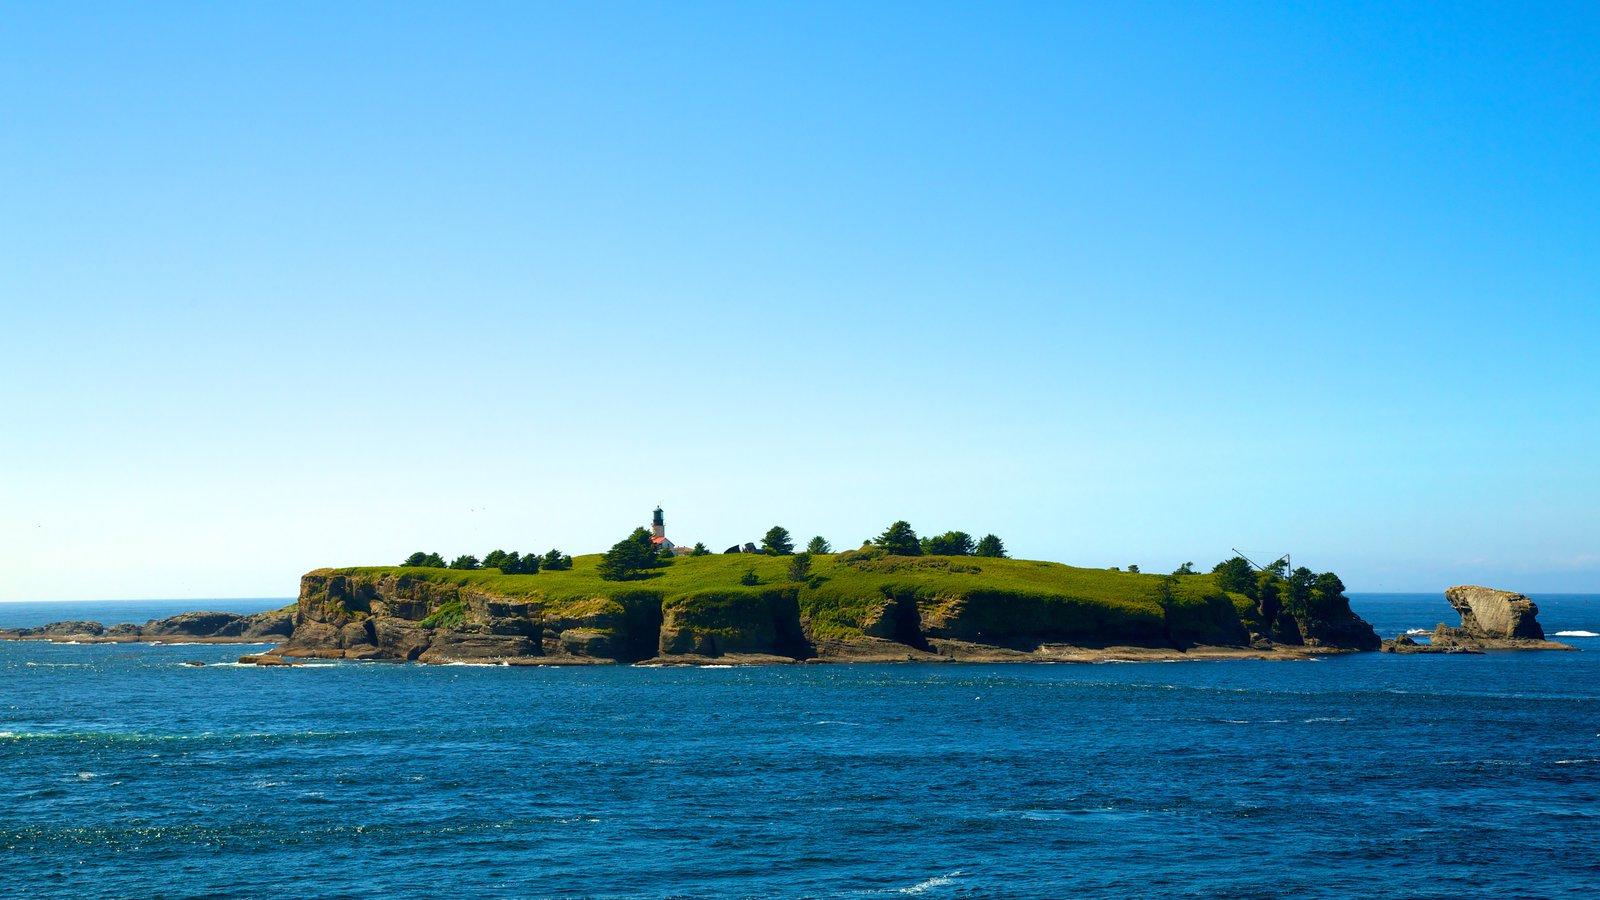 Cabo Flattery que incluye vistas de una isla, vistas generales de la costa y vistas de paisajes